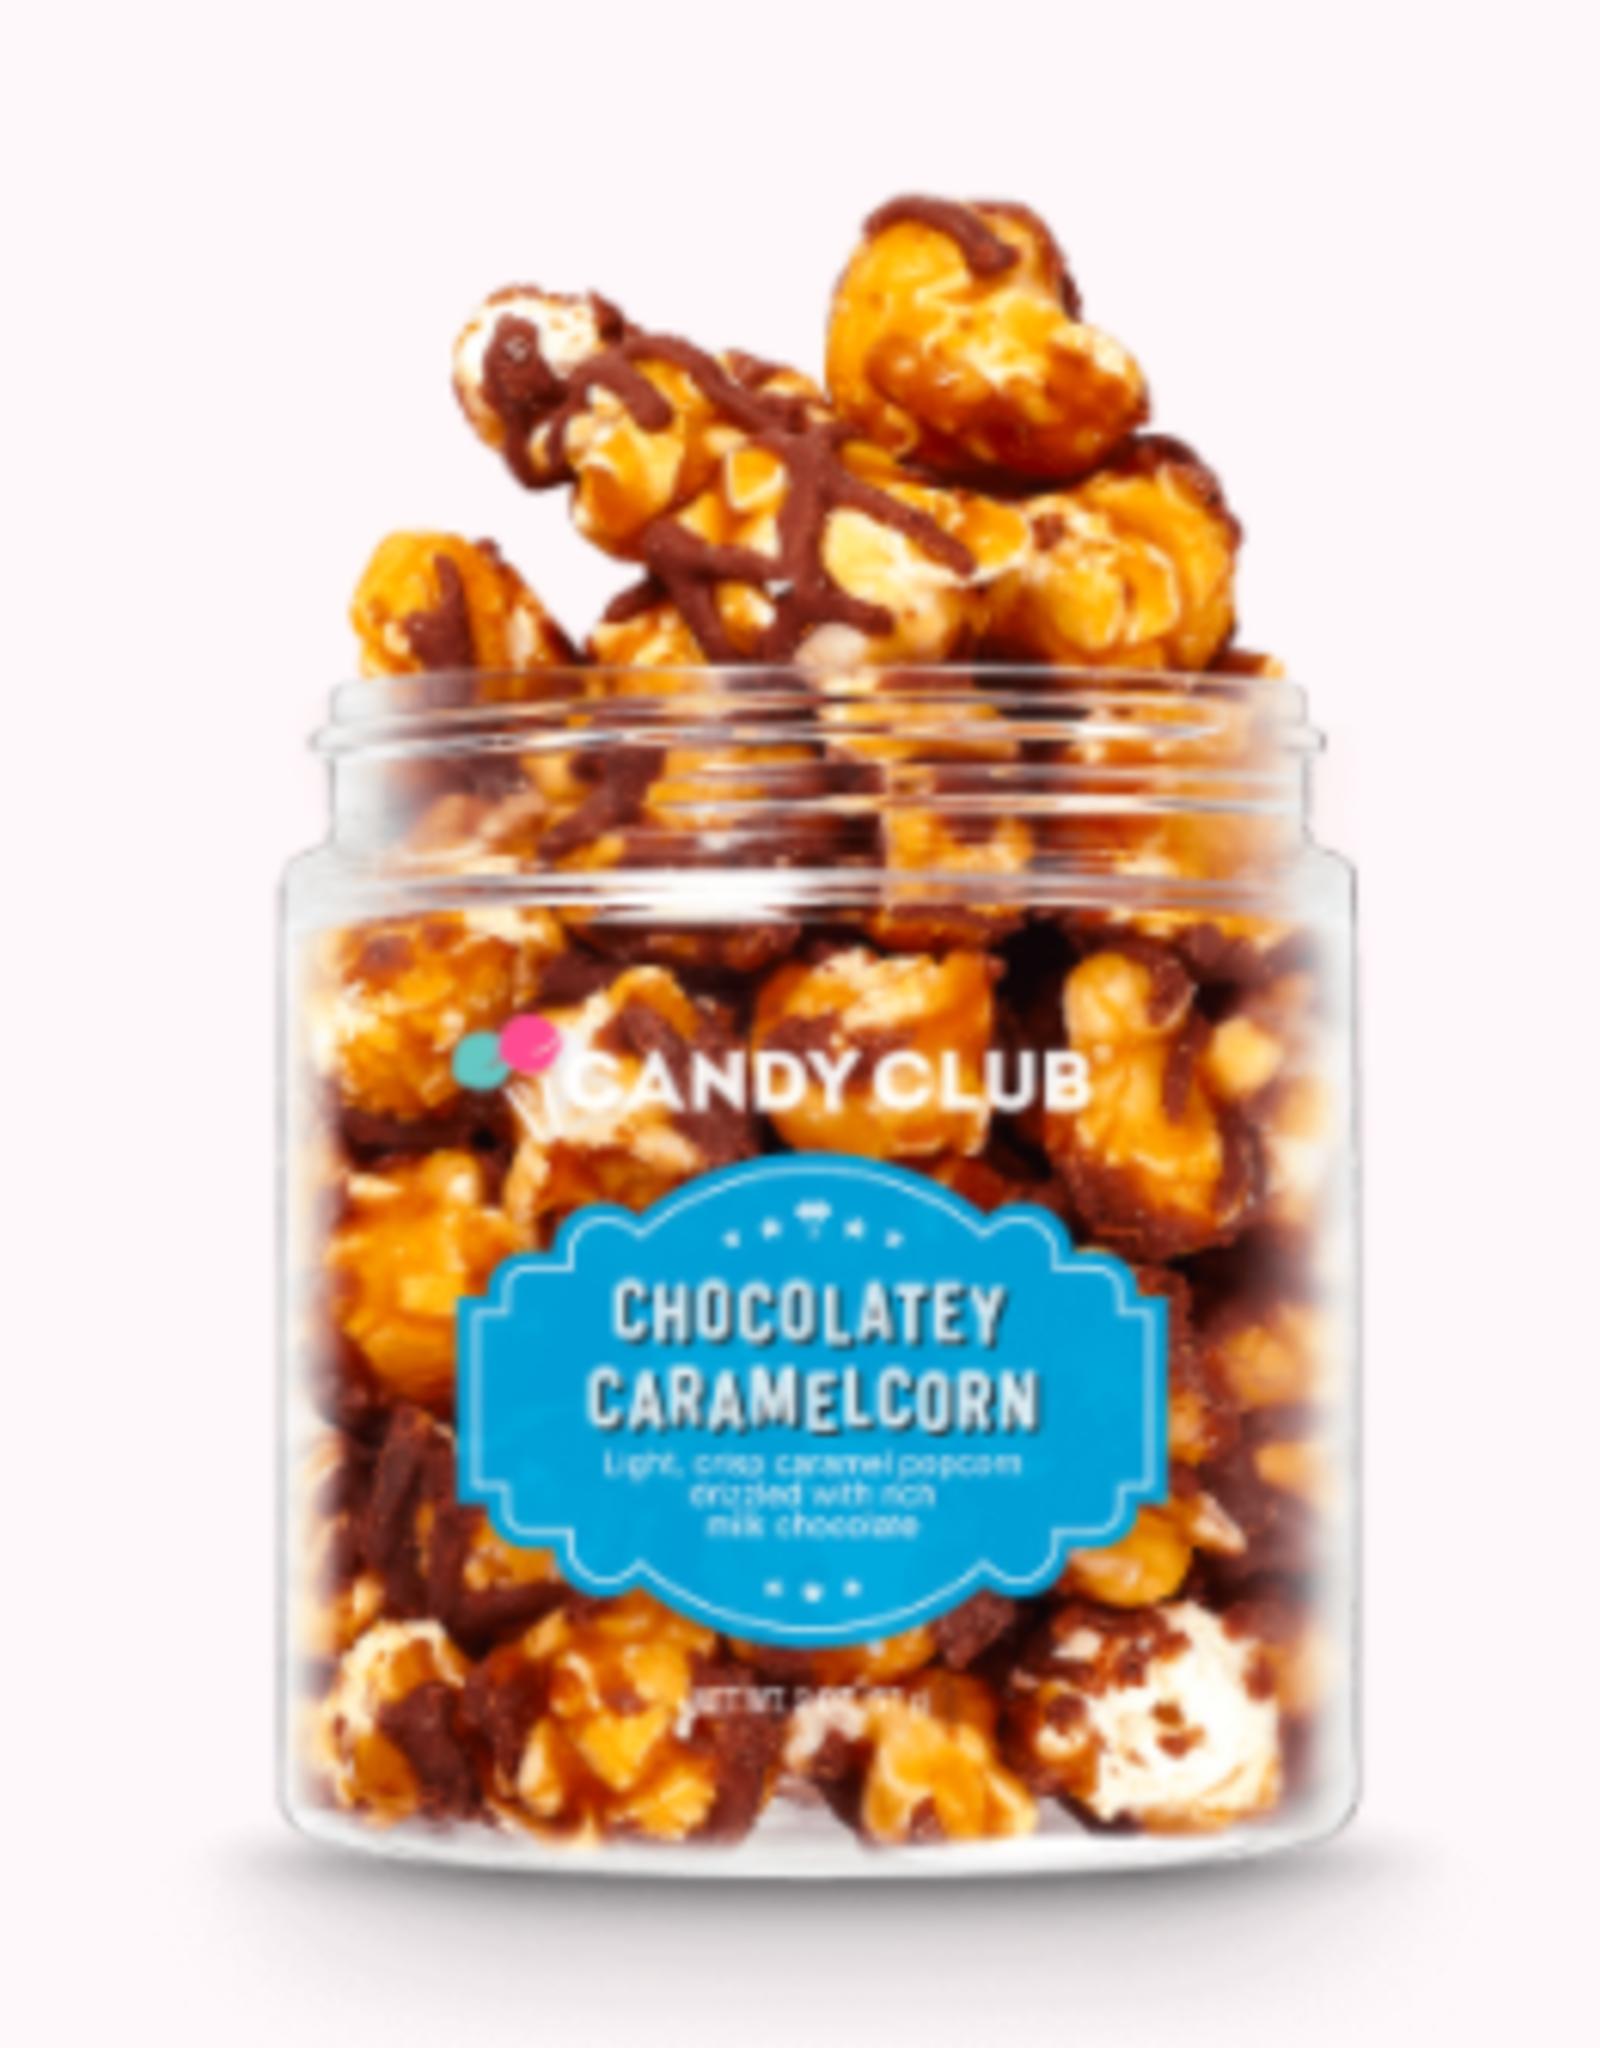 Candy Club Chocolatey Carmel Corn